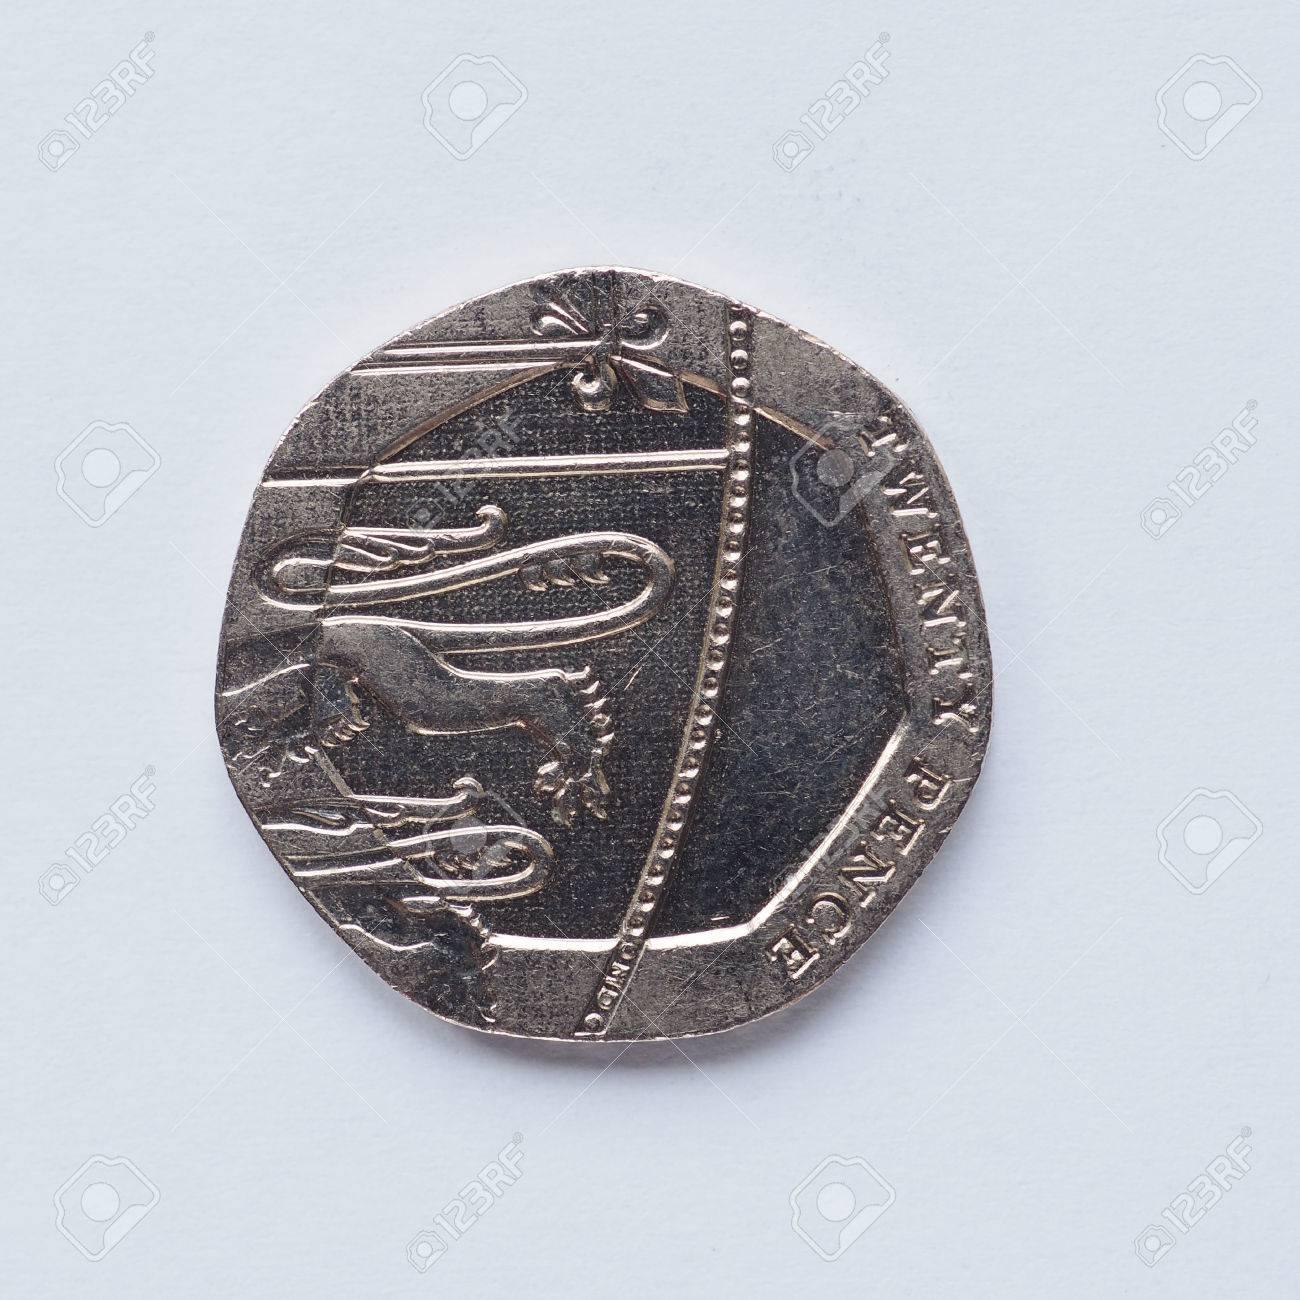 Währung Des Vereinigten Königreichs 20 Pence Münze Lizenzfreie Fotos